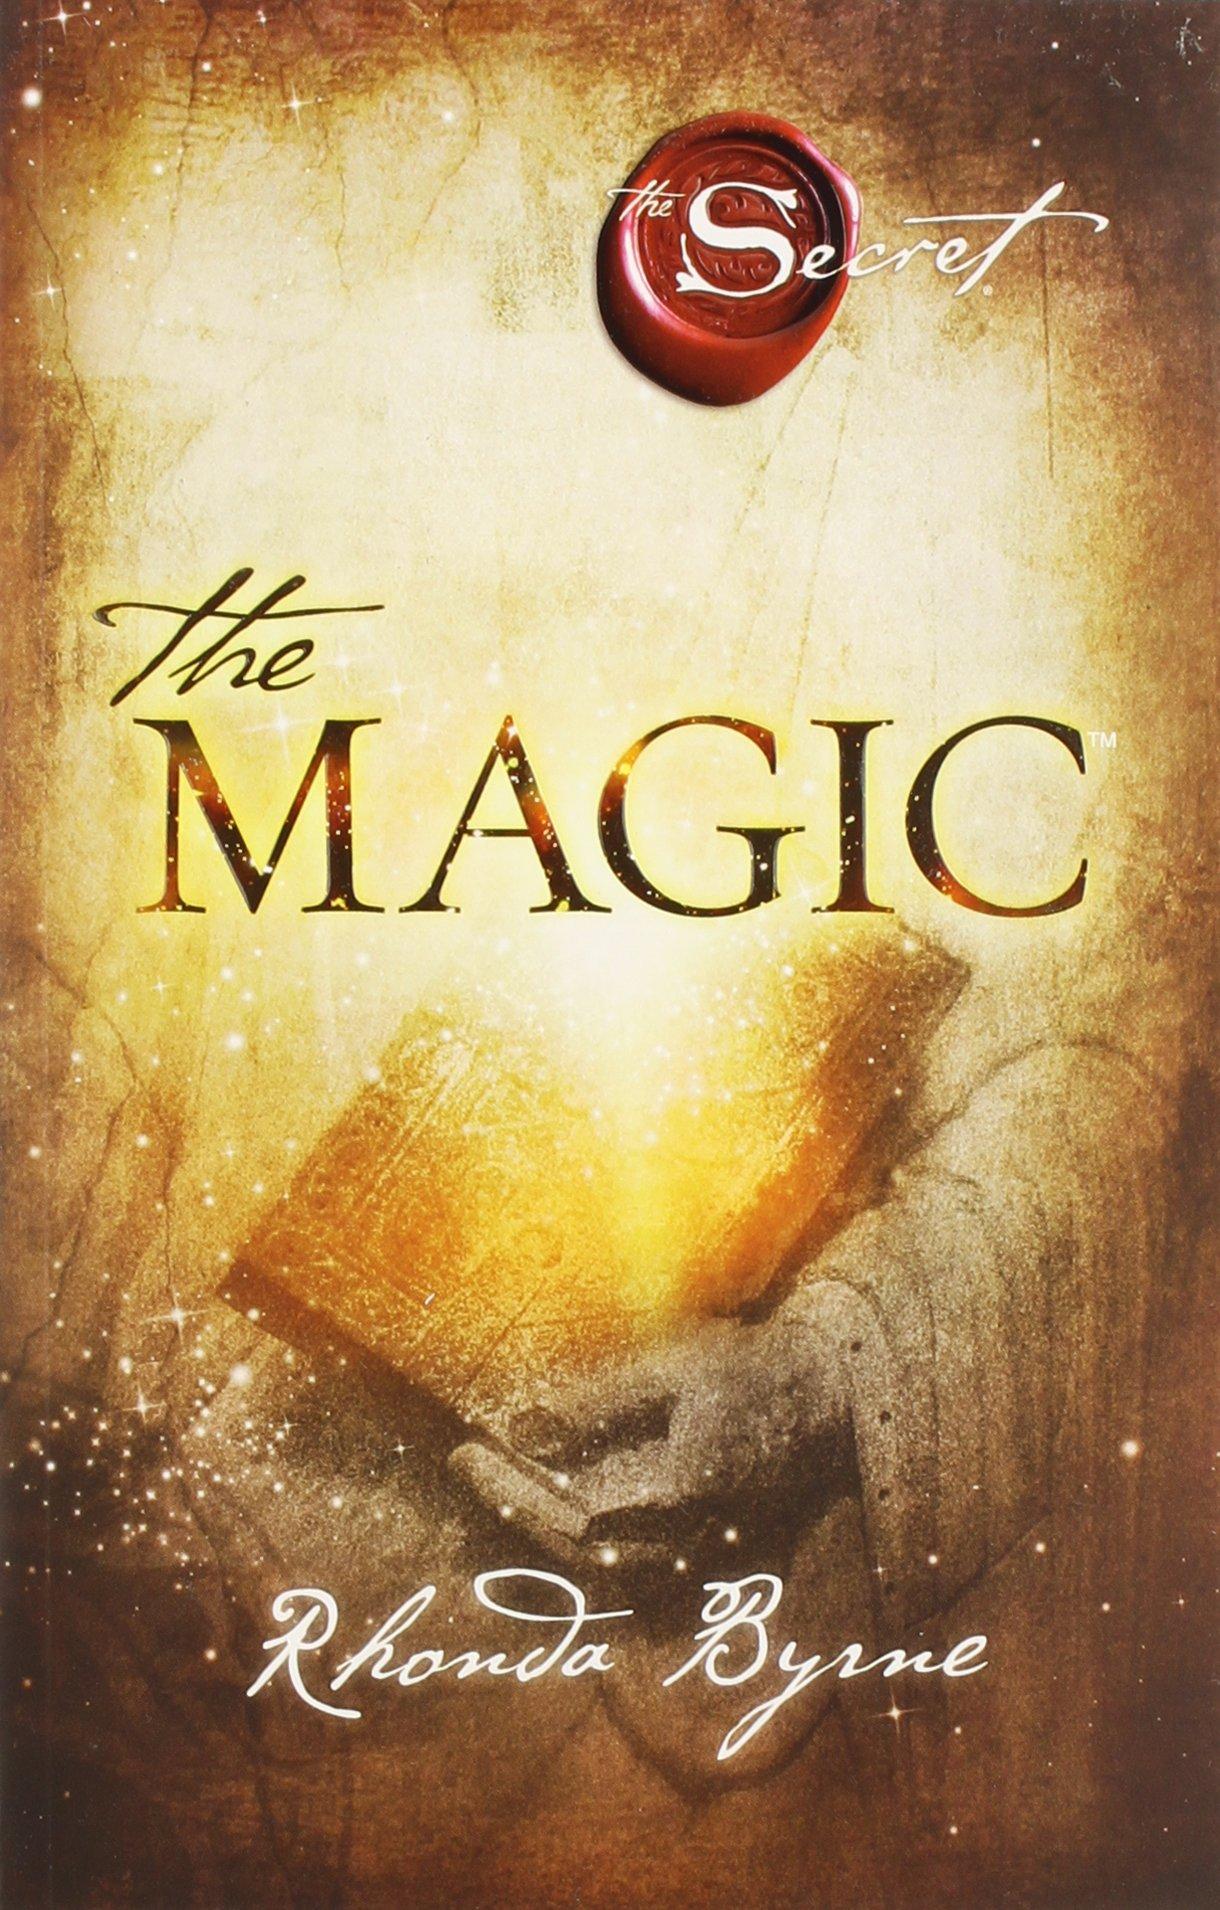 Ange A - The Magic.jpg